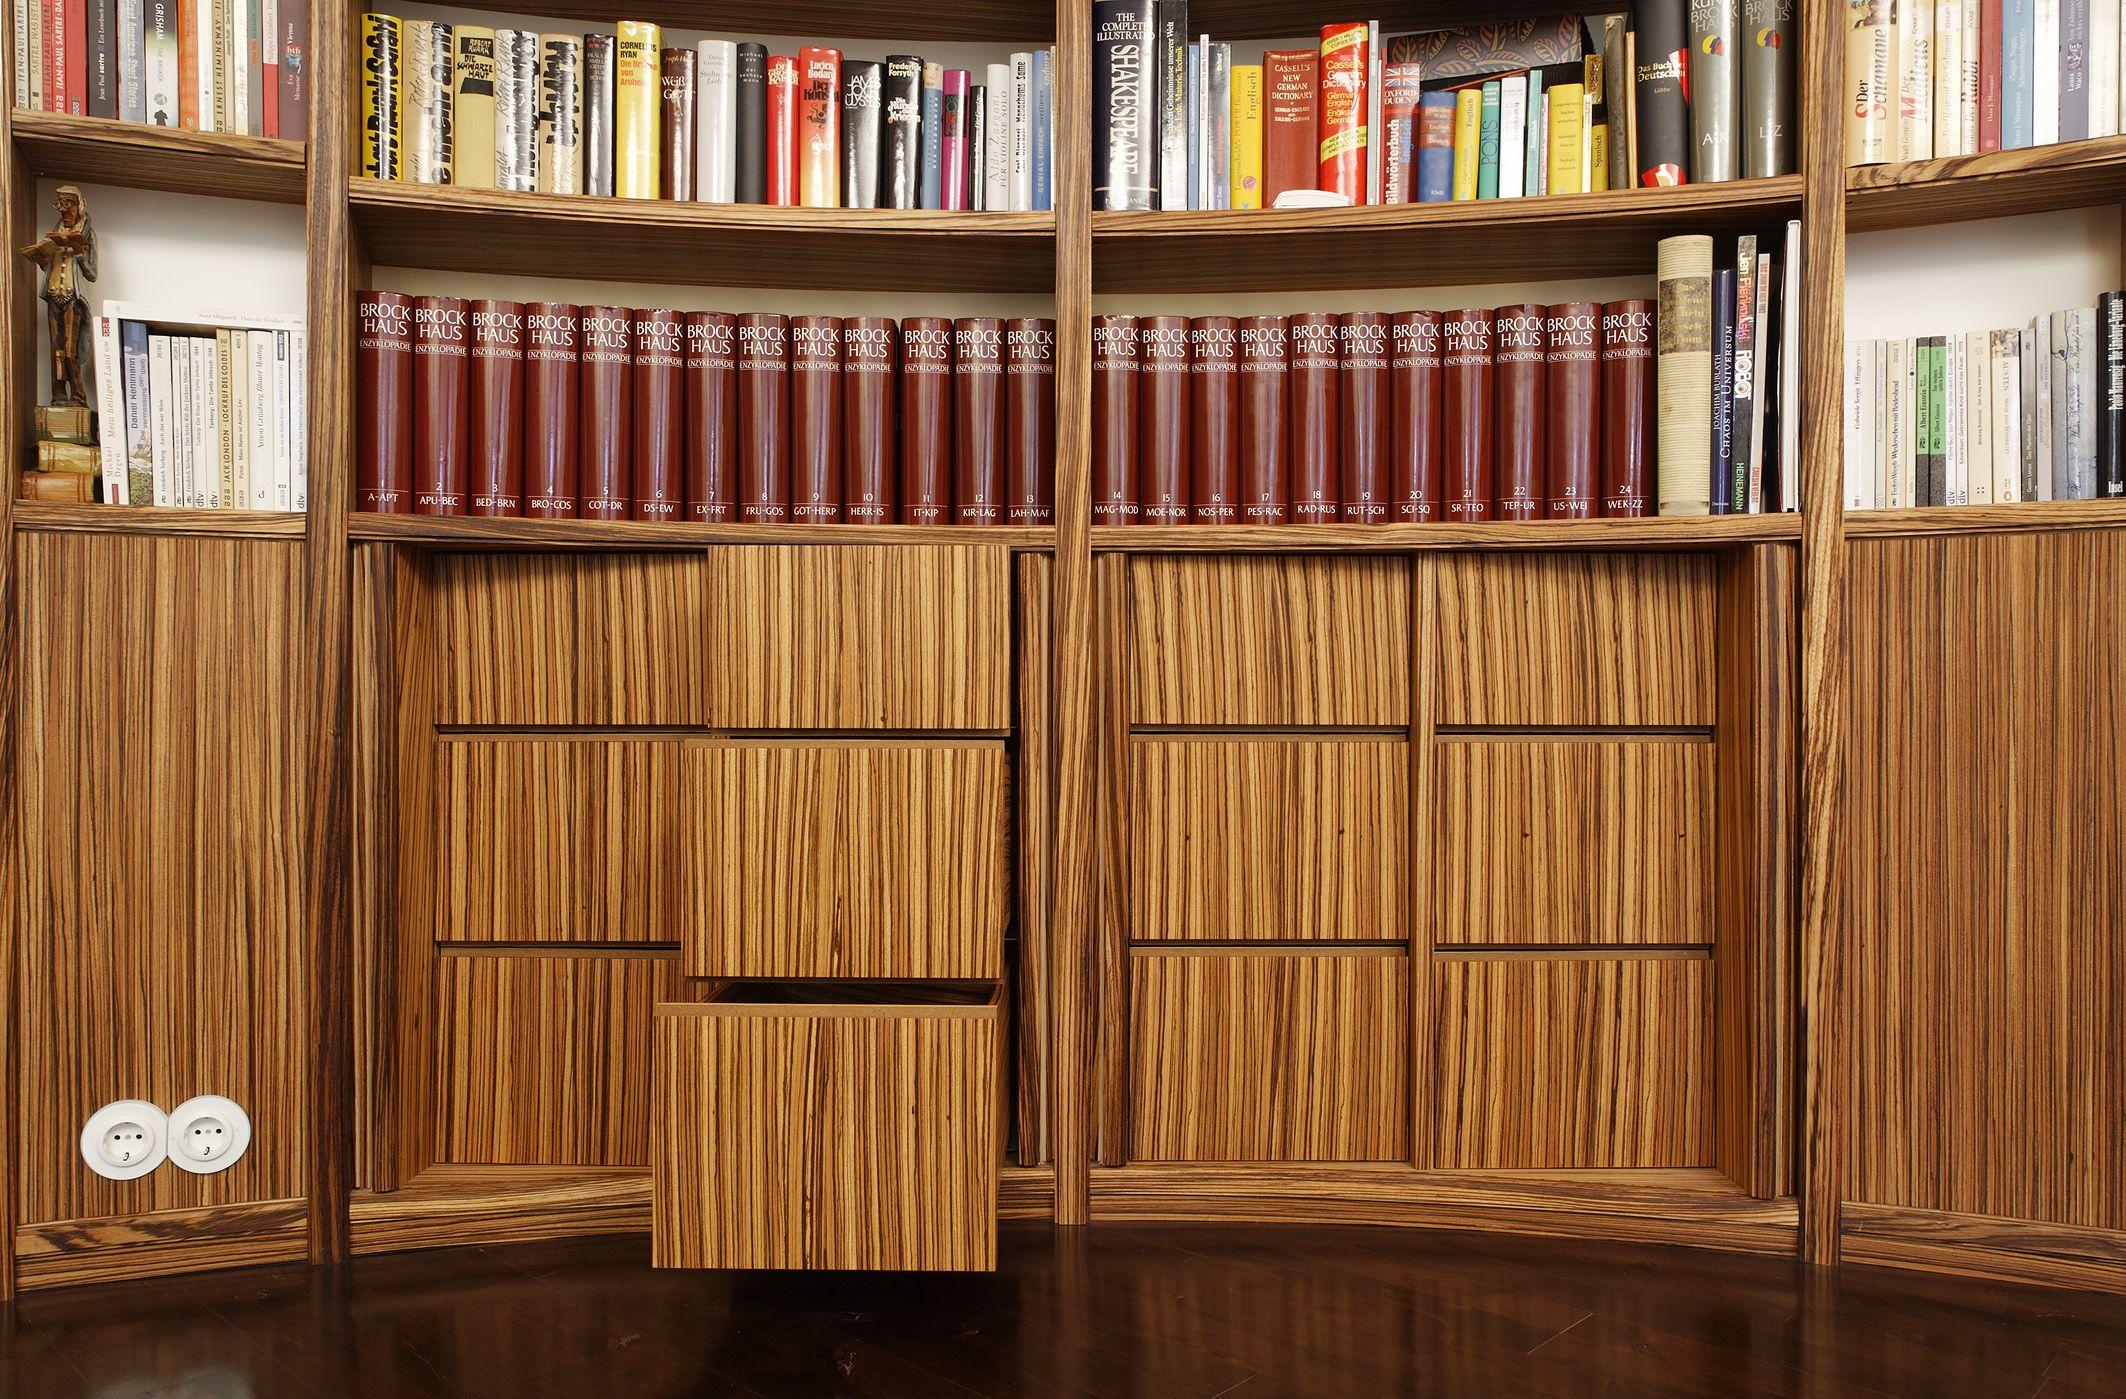 Werkstatt Norderstedt library in hamburg germany design plan w gmbh norderstedt